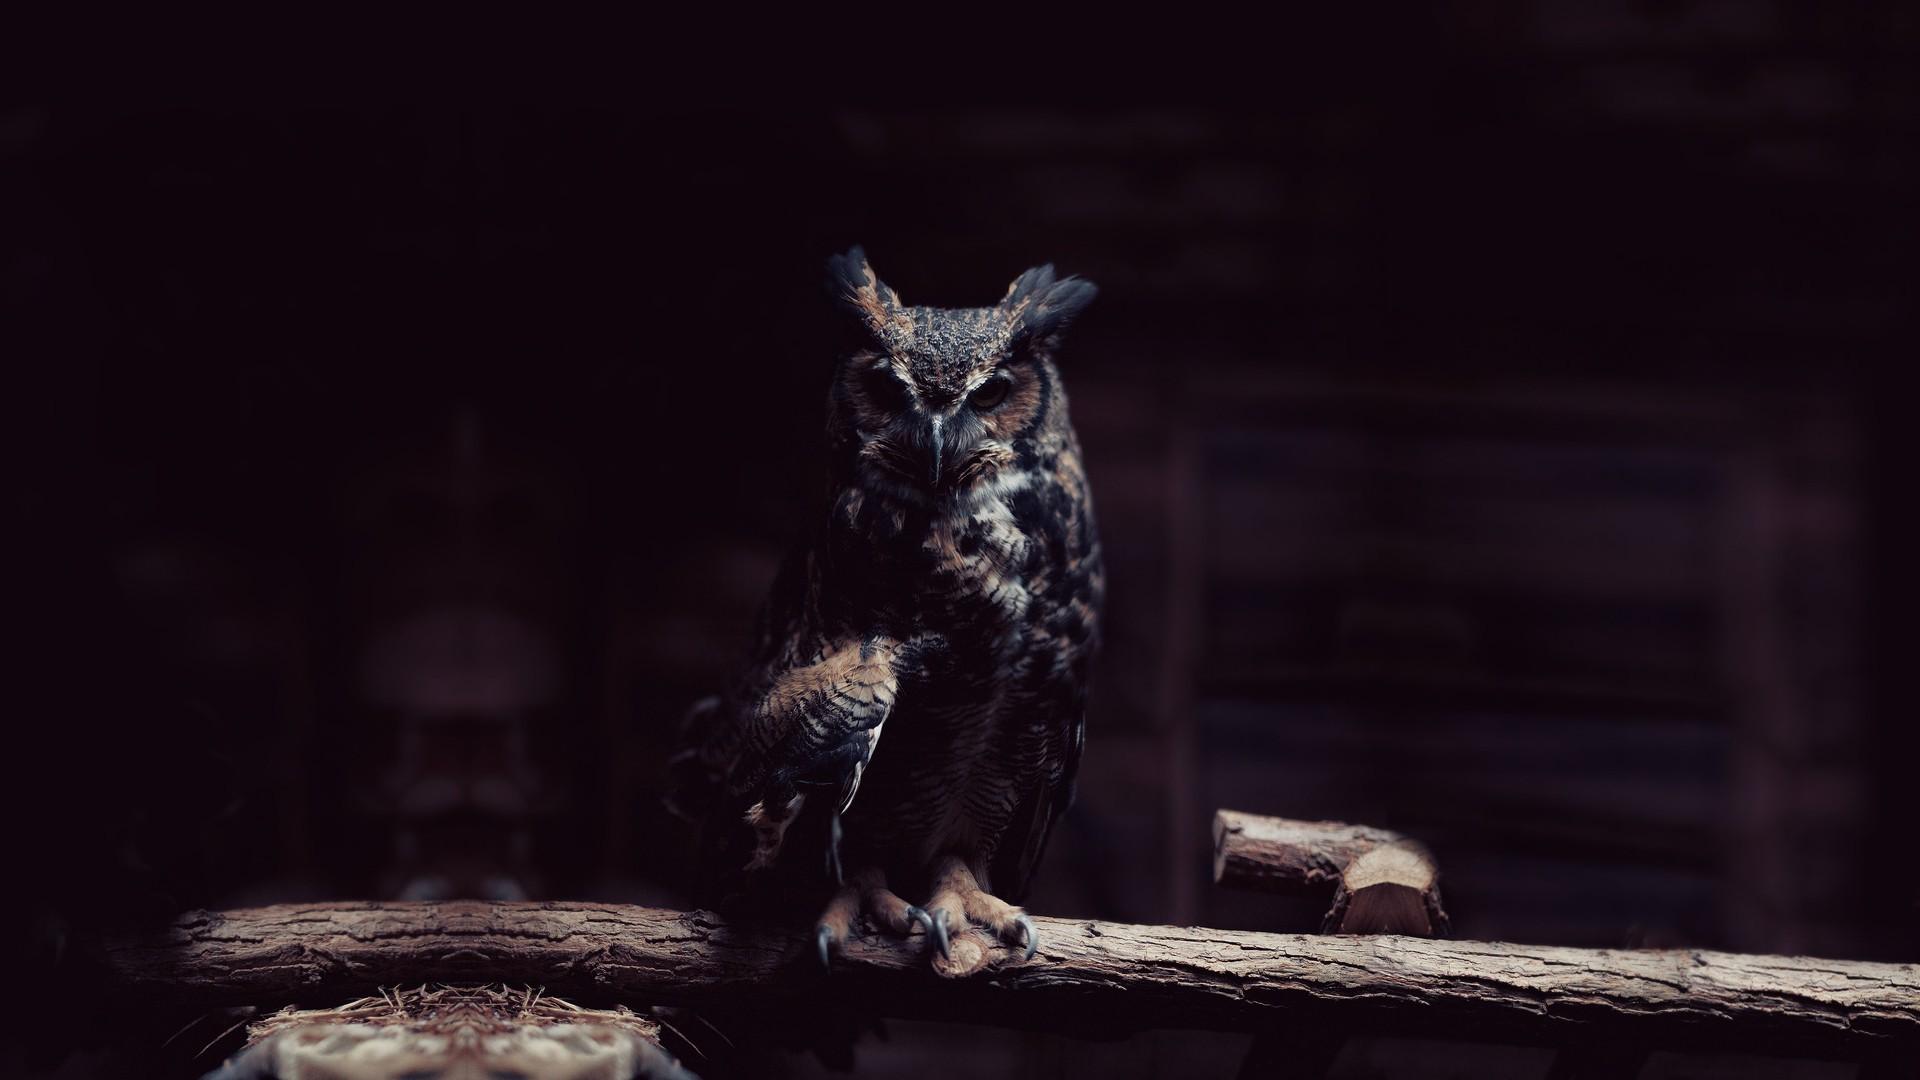 … dark owl birds wallpapers hd desktop and mobile backgrounds …